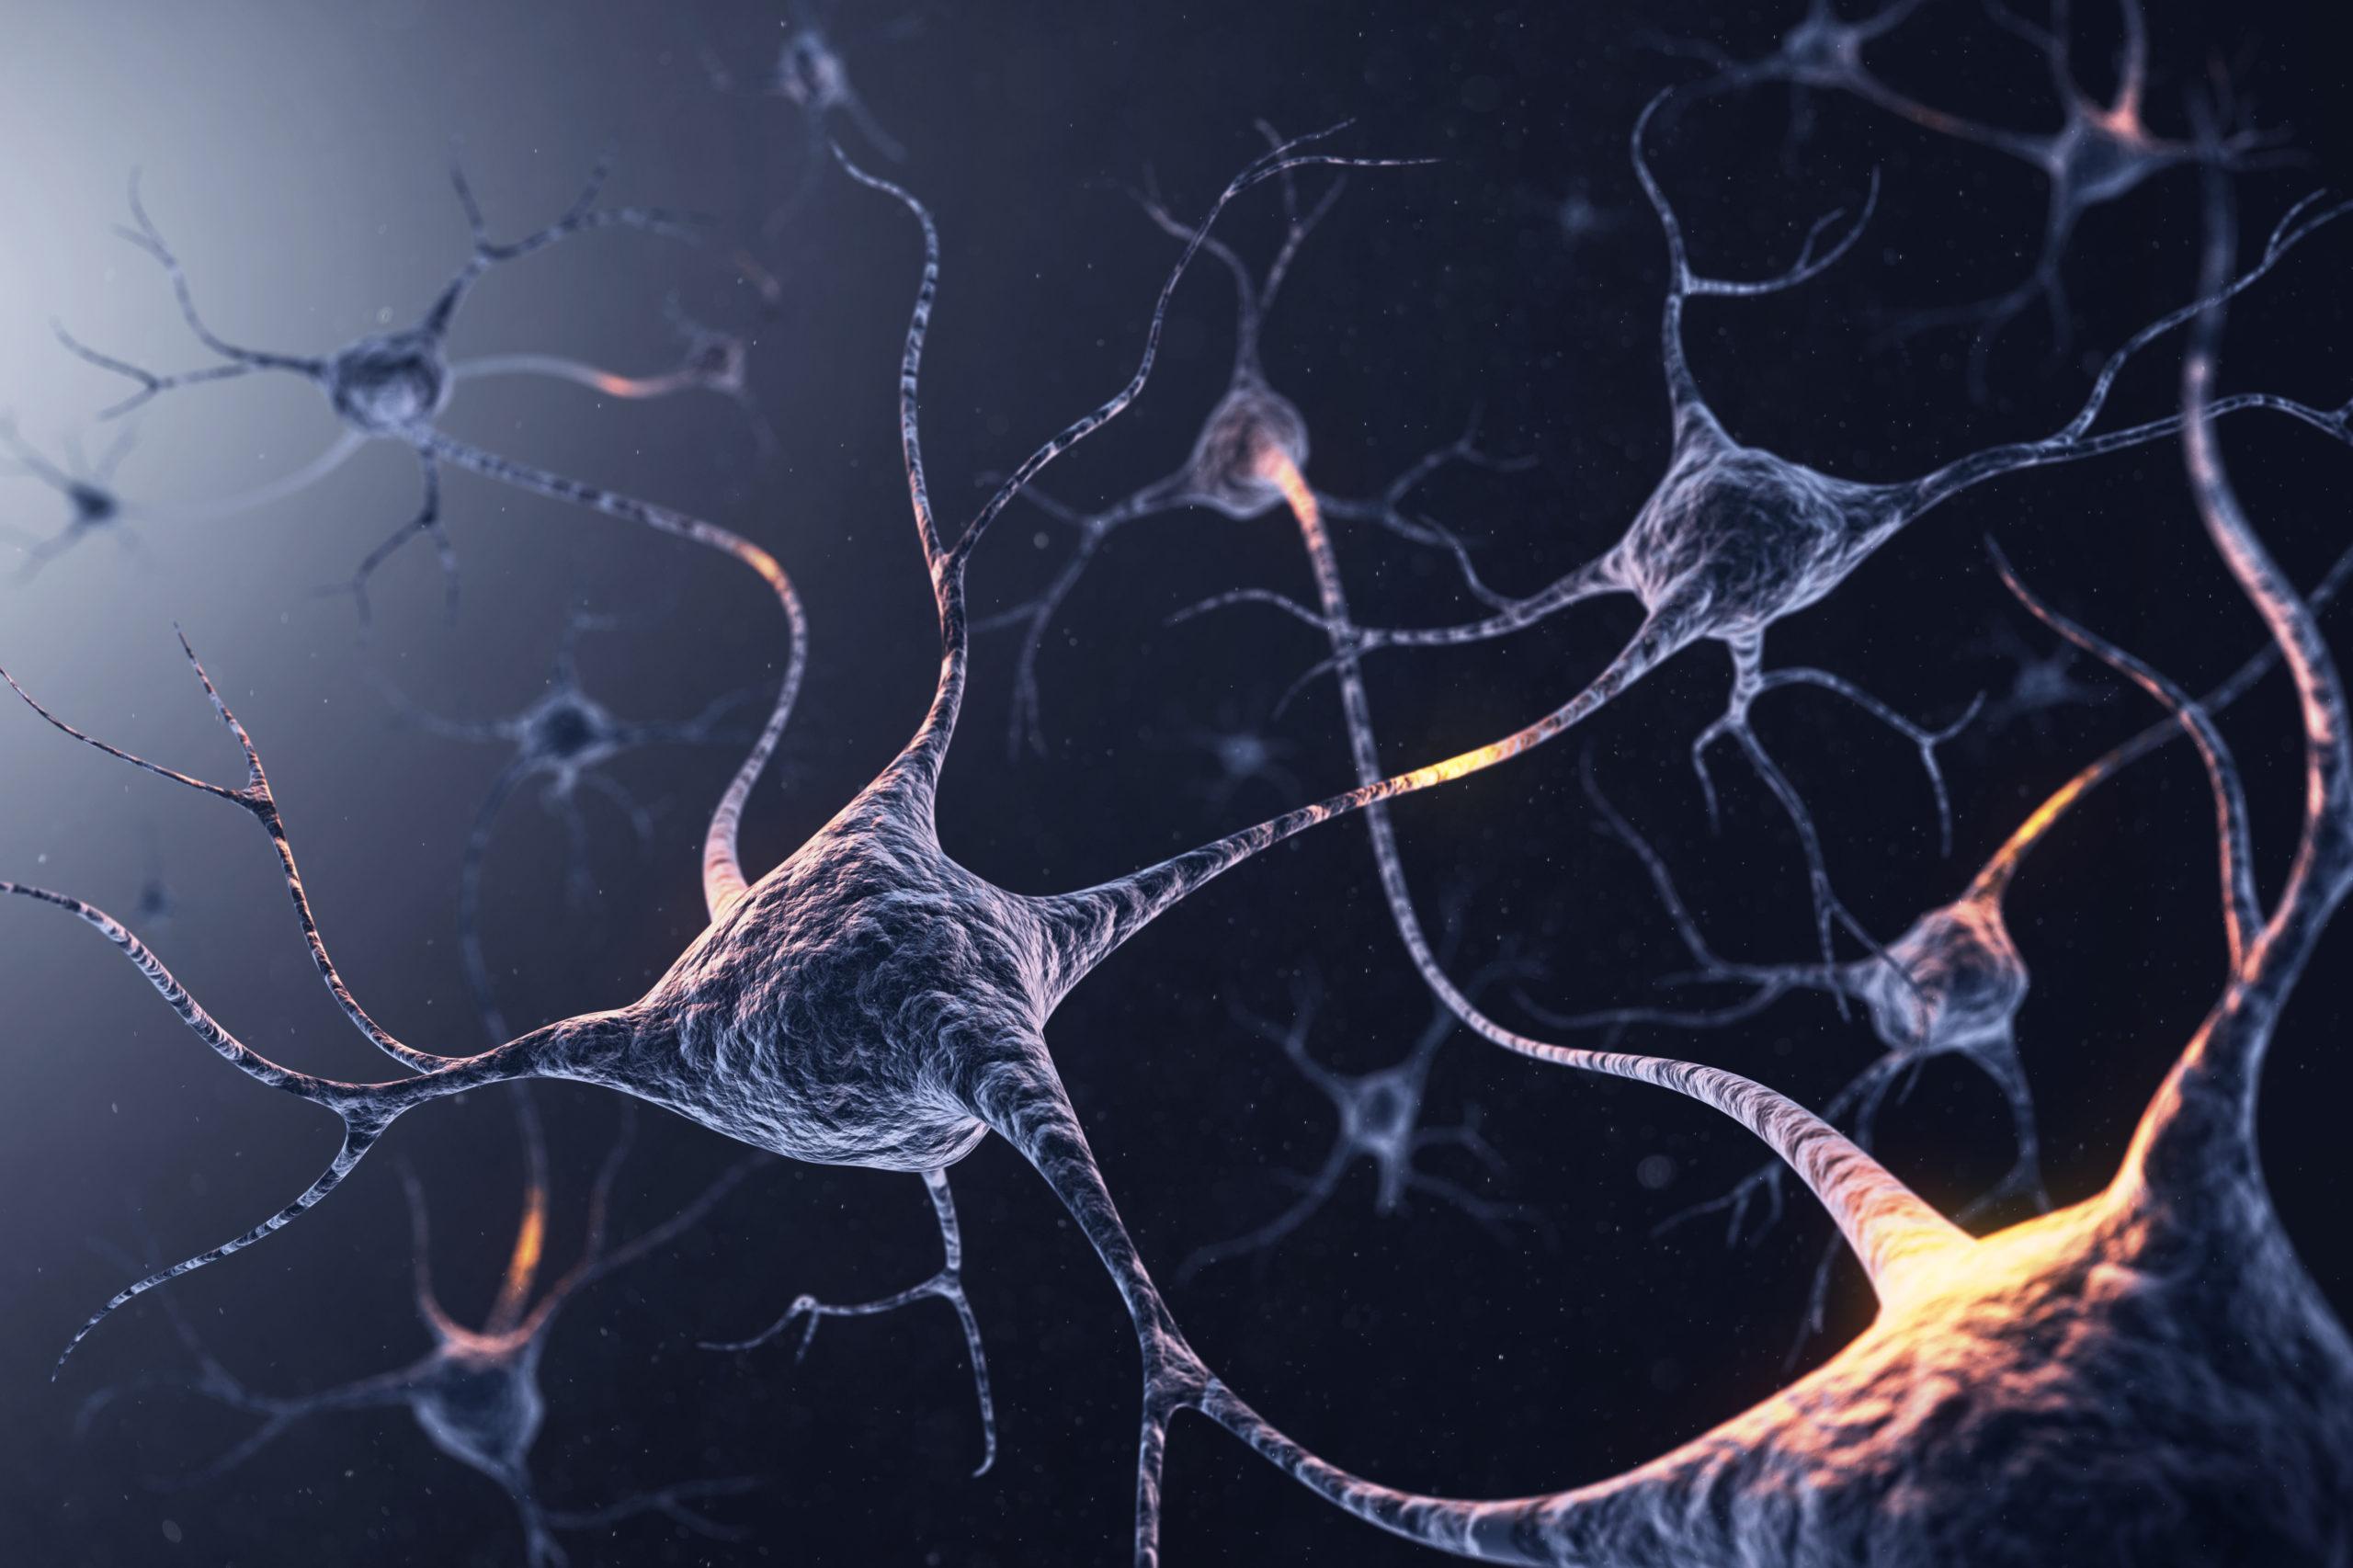 تعريف الخلايا العصبية باختصار